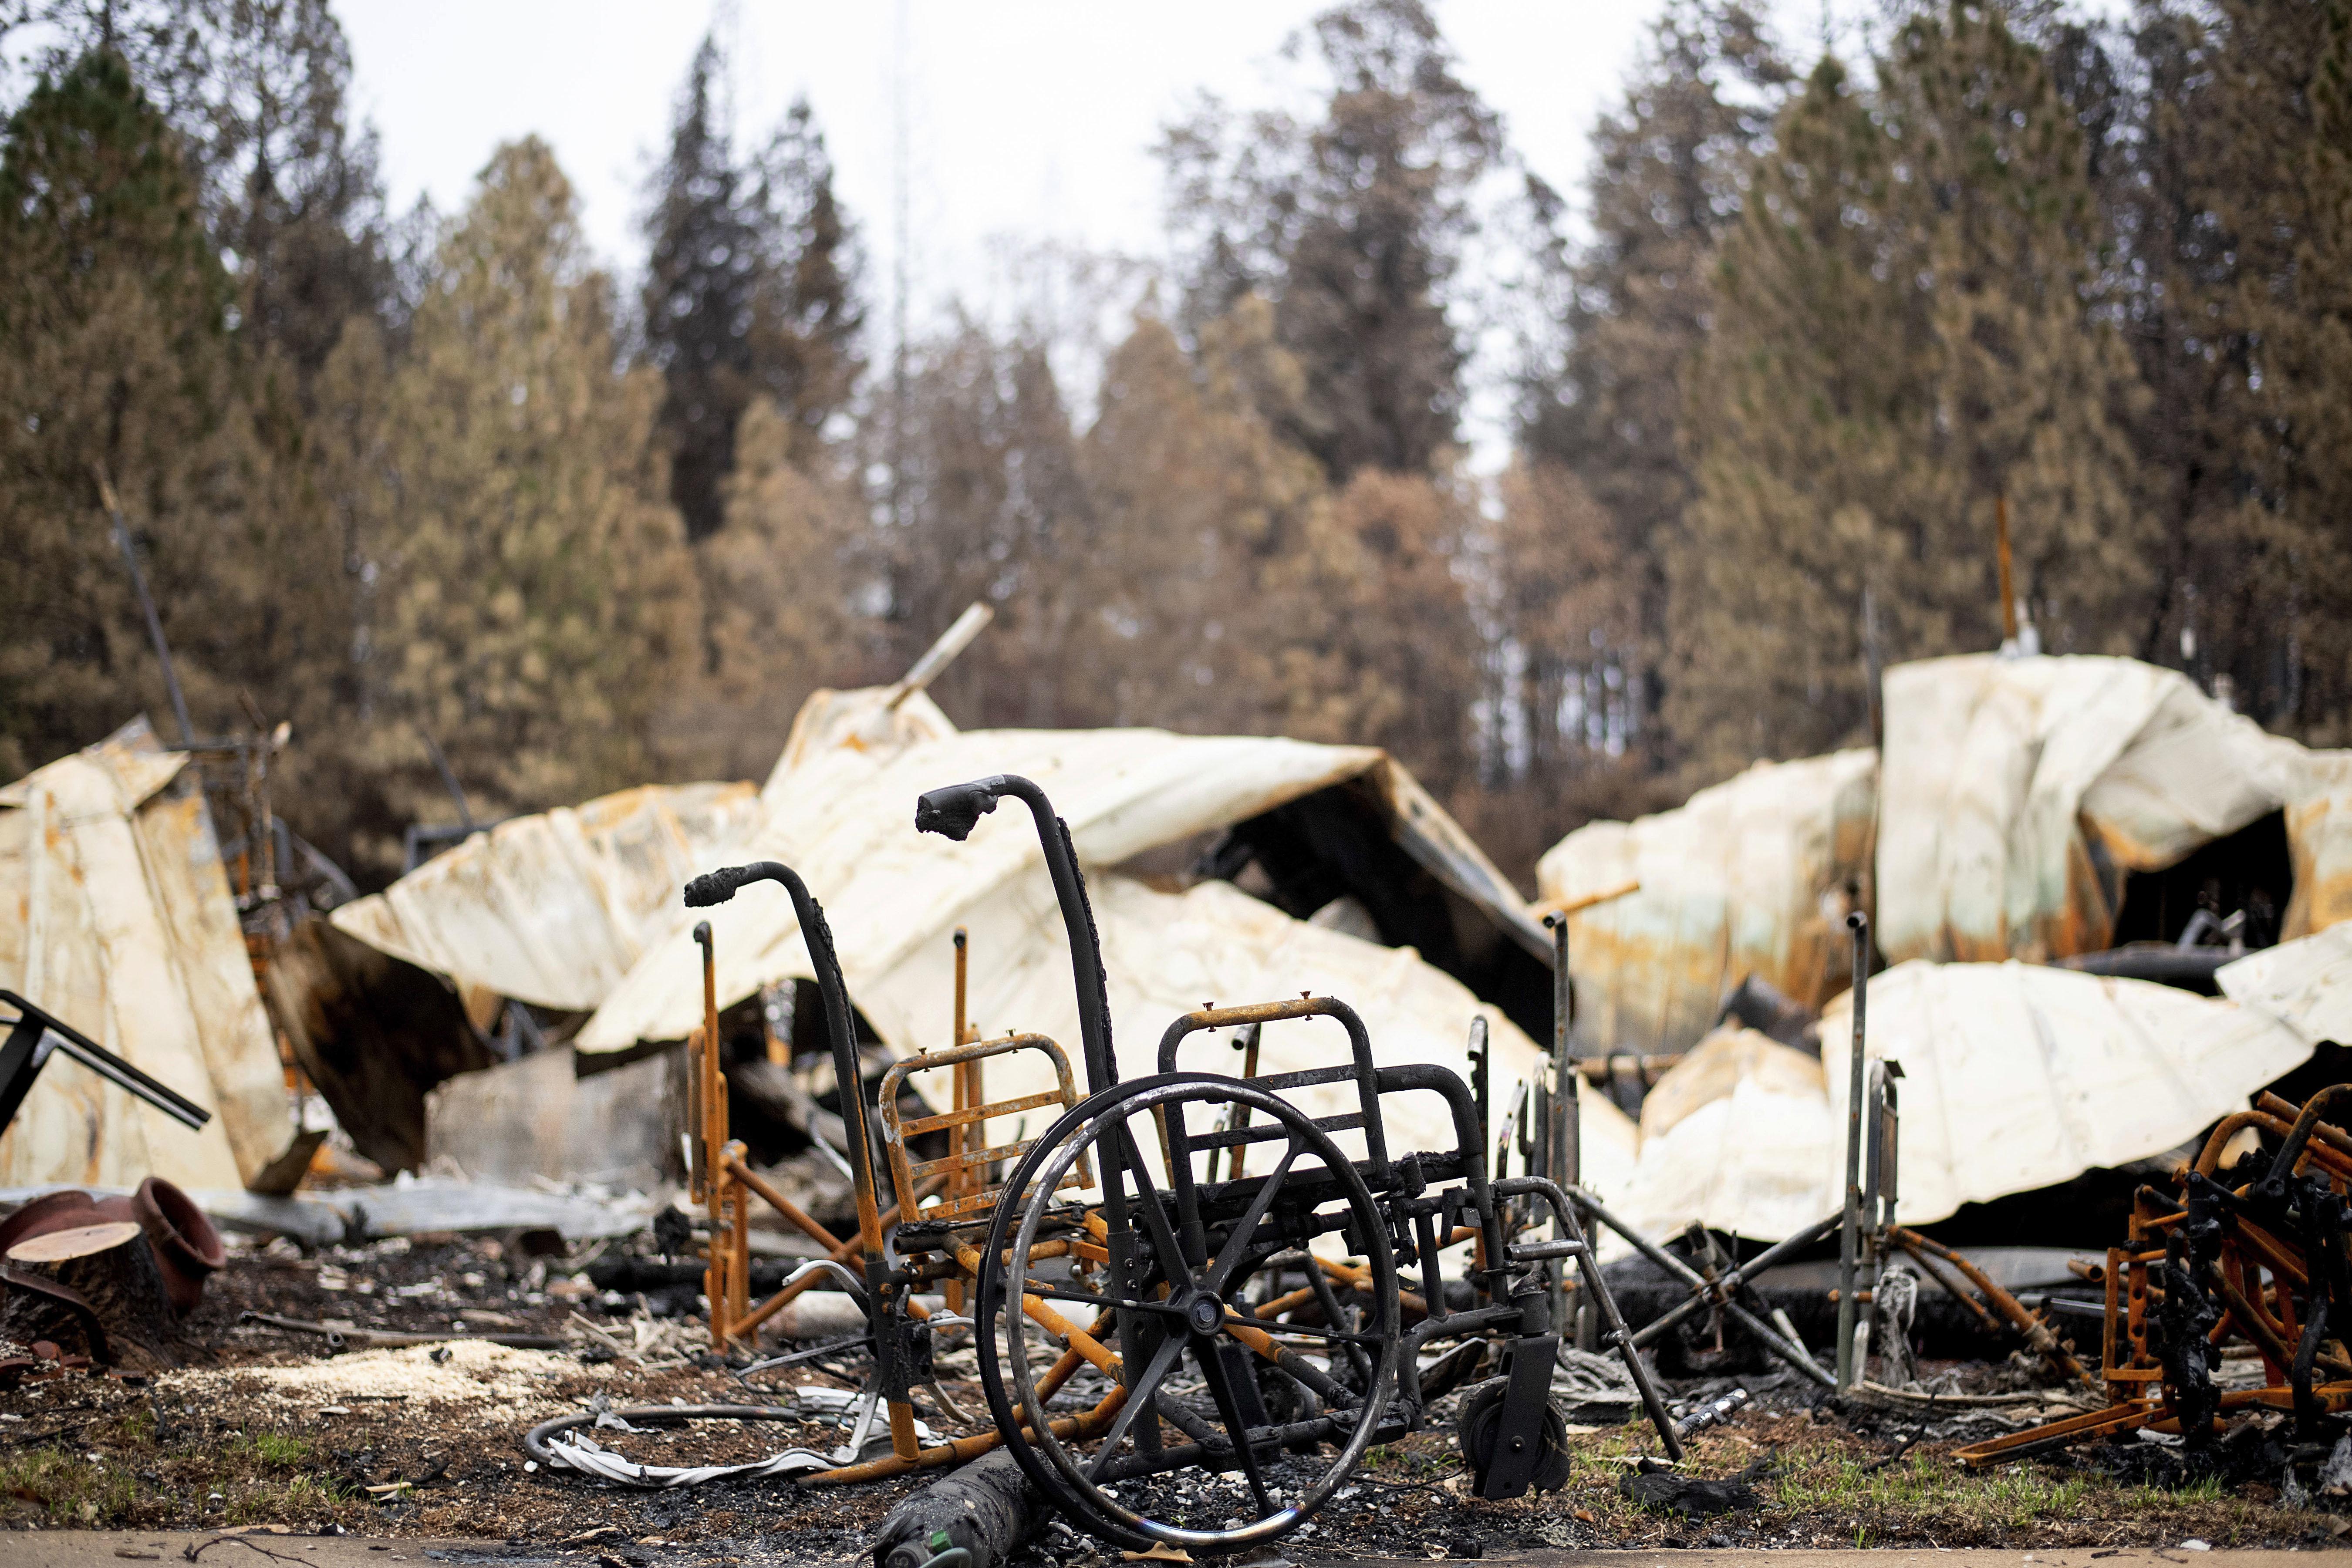 La foto muestra sillas de ruedas quemadas frente al hogar para convalecientes Cypress Meadows Post-Acute, destruido por un incendio, en Paradise, California, 4 de diciembre de 2018. (AP Foto/Noah Berger)